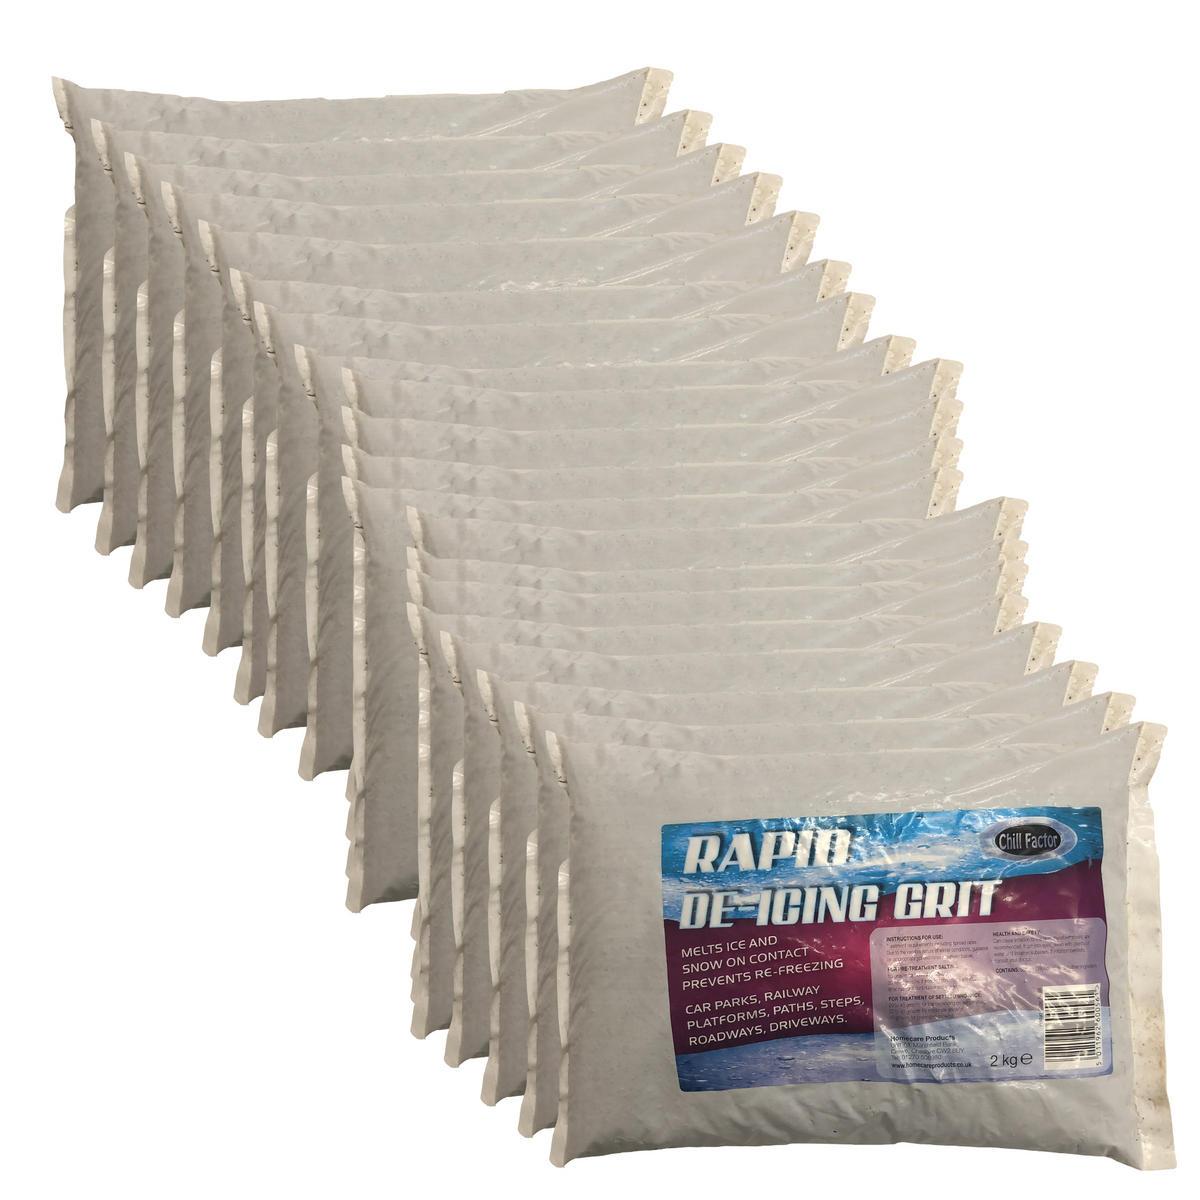 Chill Factor 40KG Rapid Snow Ice De icing Salt Grit Instant Grip